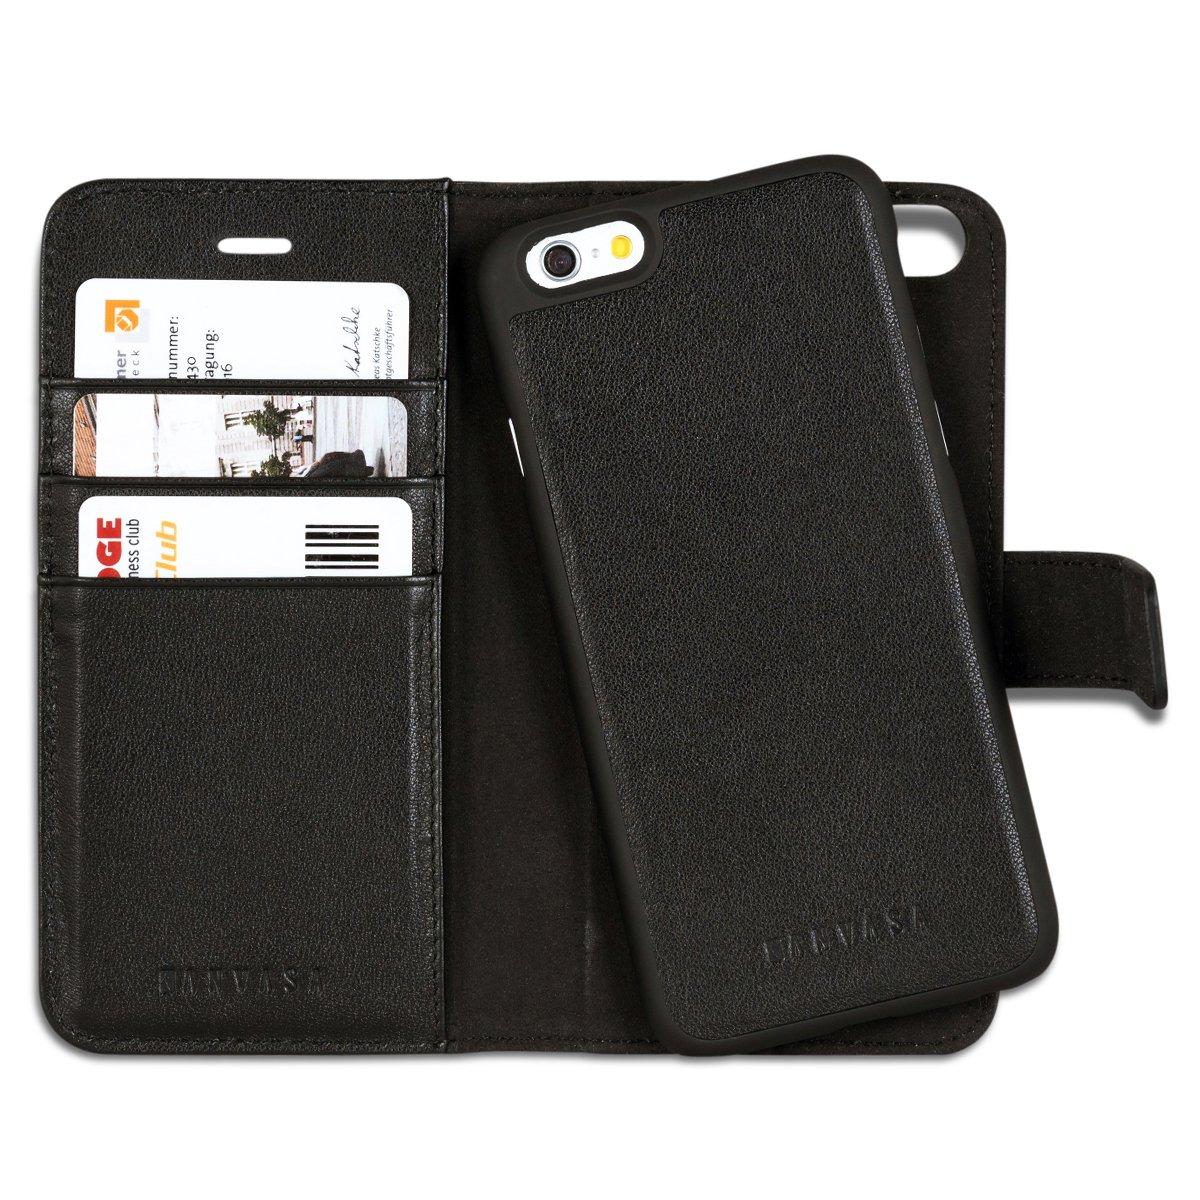 KANVASA Funda iPhone 8 / Funda iPhone 7 Case Cartera Desmontable Negra Piel Auténtica Premium 2 en 1 Tipo Libro Cierre Imán para Apple iPhone 8 & 7 (4.7